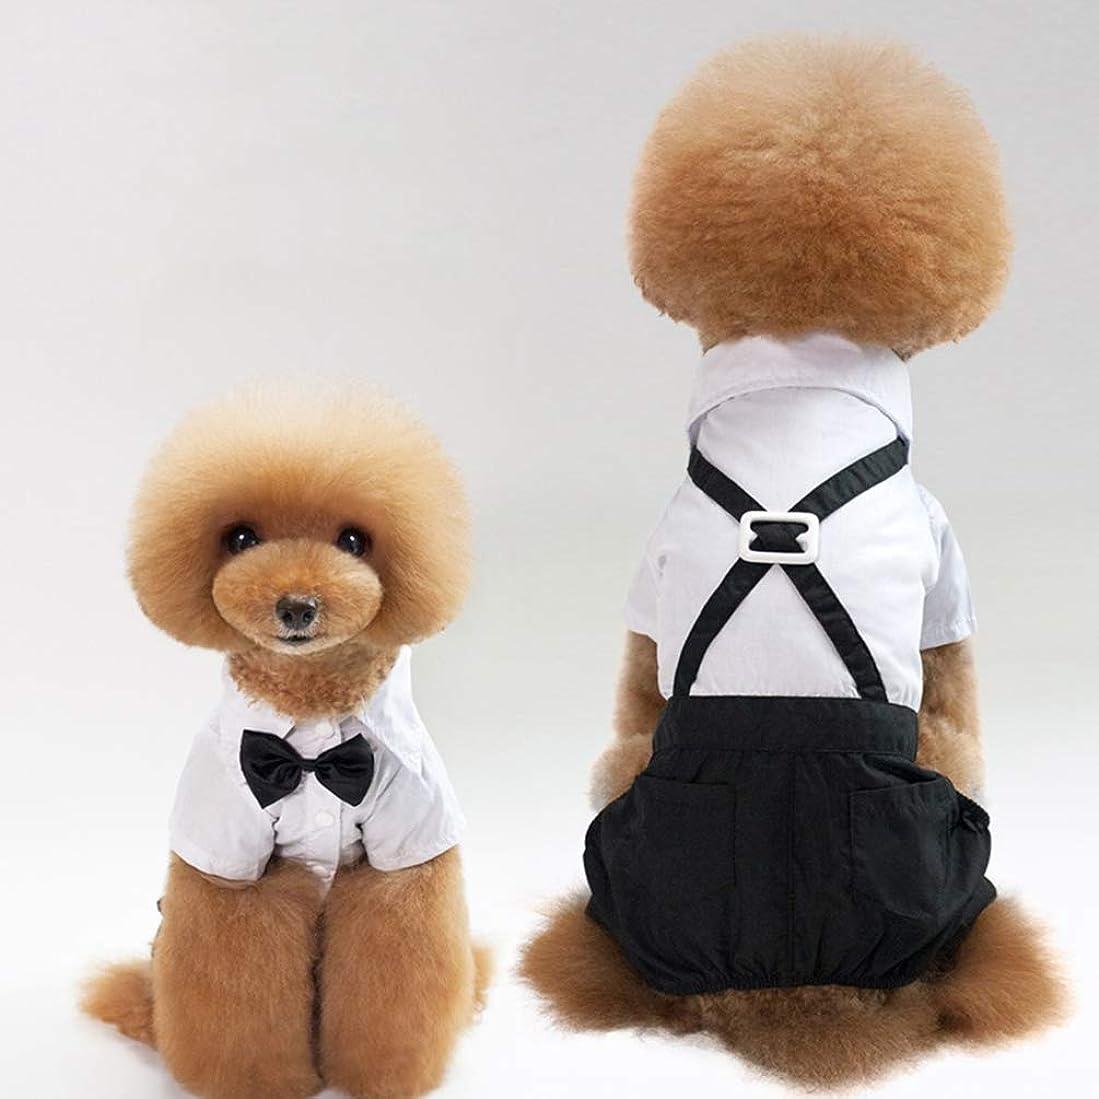 タオル衰えるチートペット服 犬の服 犬洋服 紳士スーツ 新郎 結婚式 ウェディング 蝶ネクタイ 制服 ズボン 犬礼服 お祝い 記念撮影 写真 誕生日 パーティー 男の子 小型犬 中型犬 大型犬 S/M/L/XL/XXL